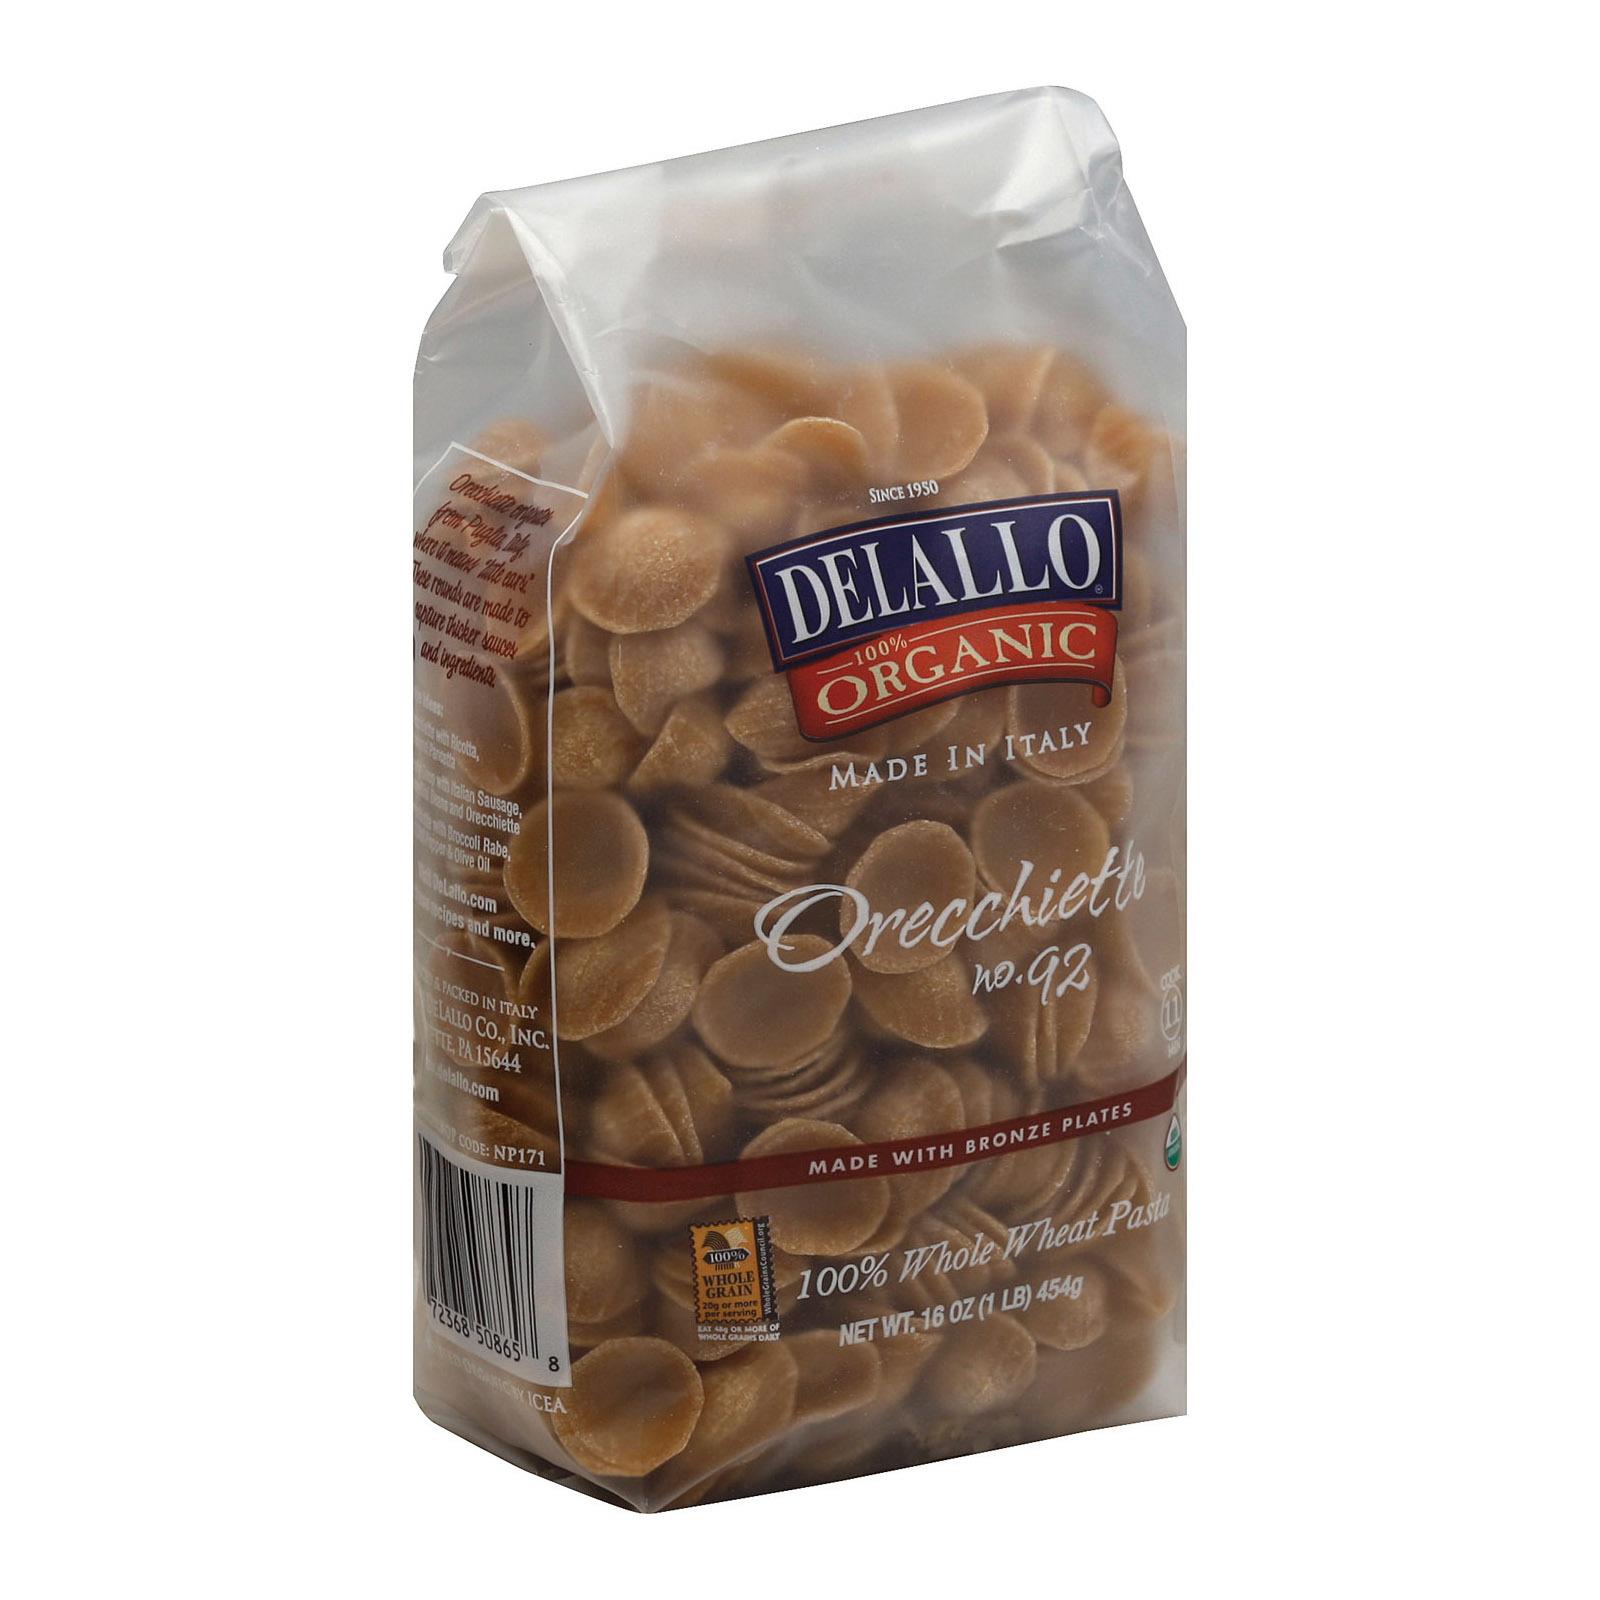 Delallo Organic Whole Wheat Orecchiette Pasta - Case of 16 - 1 lb.